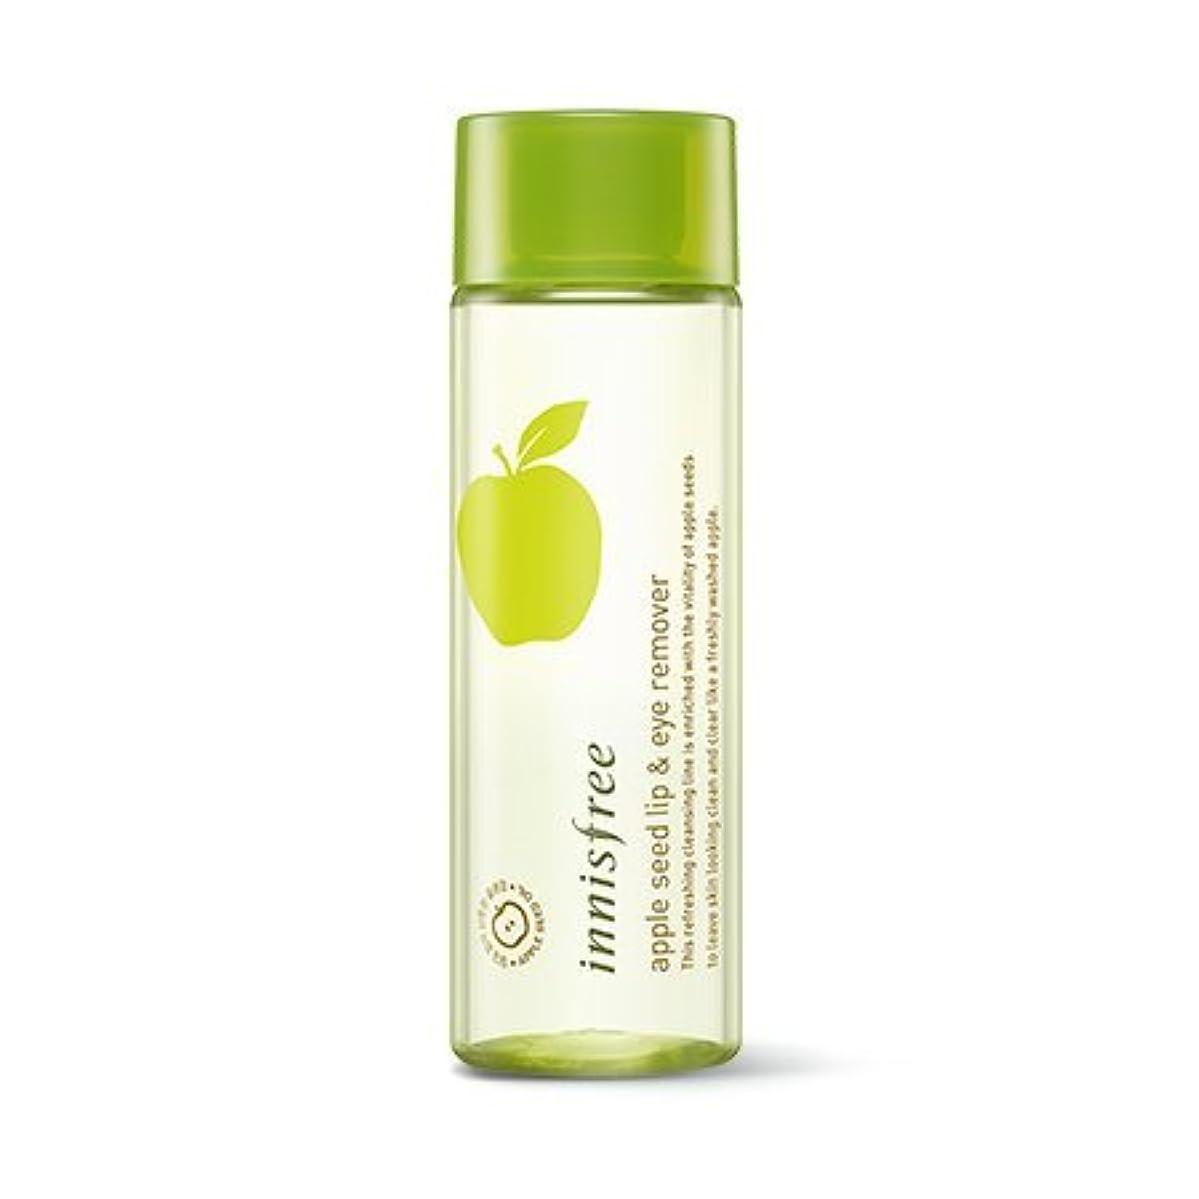 愛国的な修復はぁ[New] innisfree Apple Seed Lip & Eye Remover 100ml/イニスフリー アップル シード リップ&アイ リムーバー 100ml